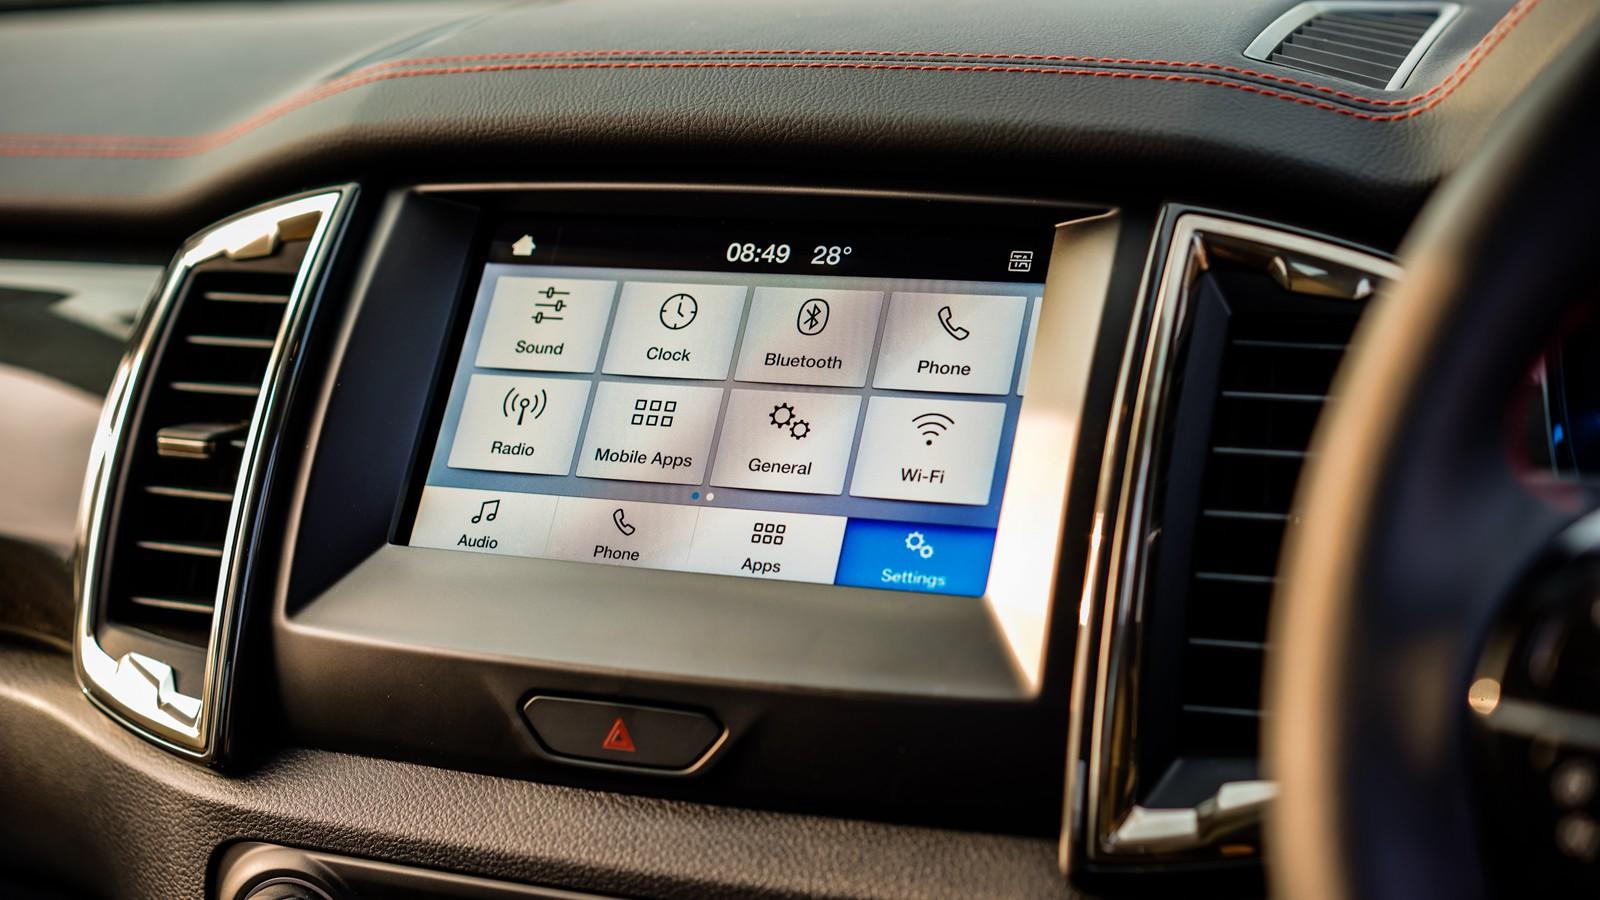 2020 Ford Ranger FX4 Interior 003